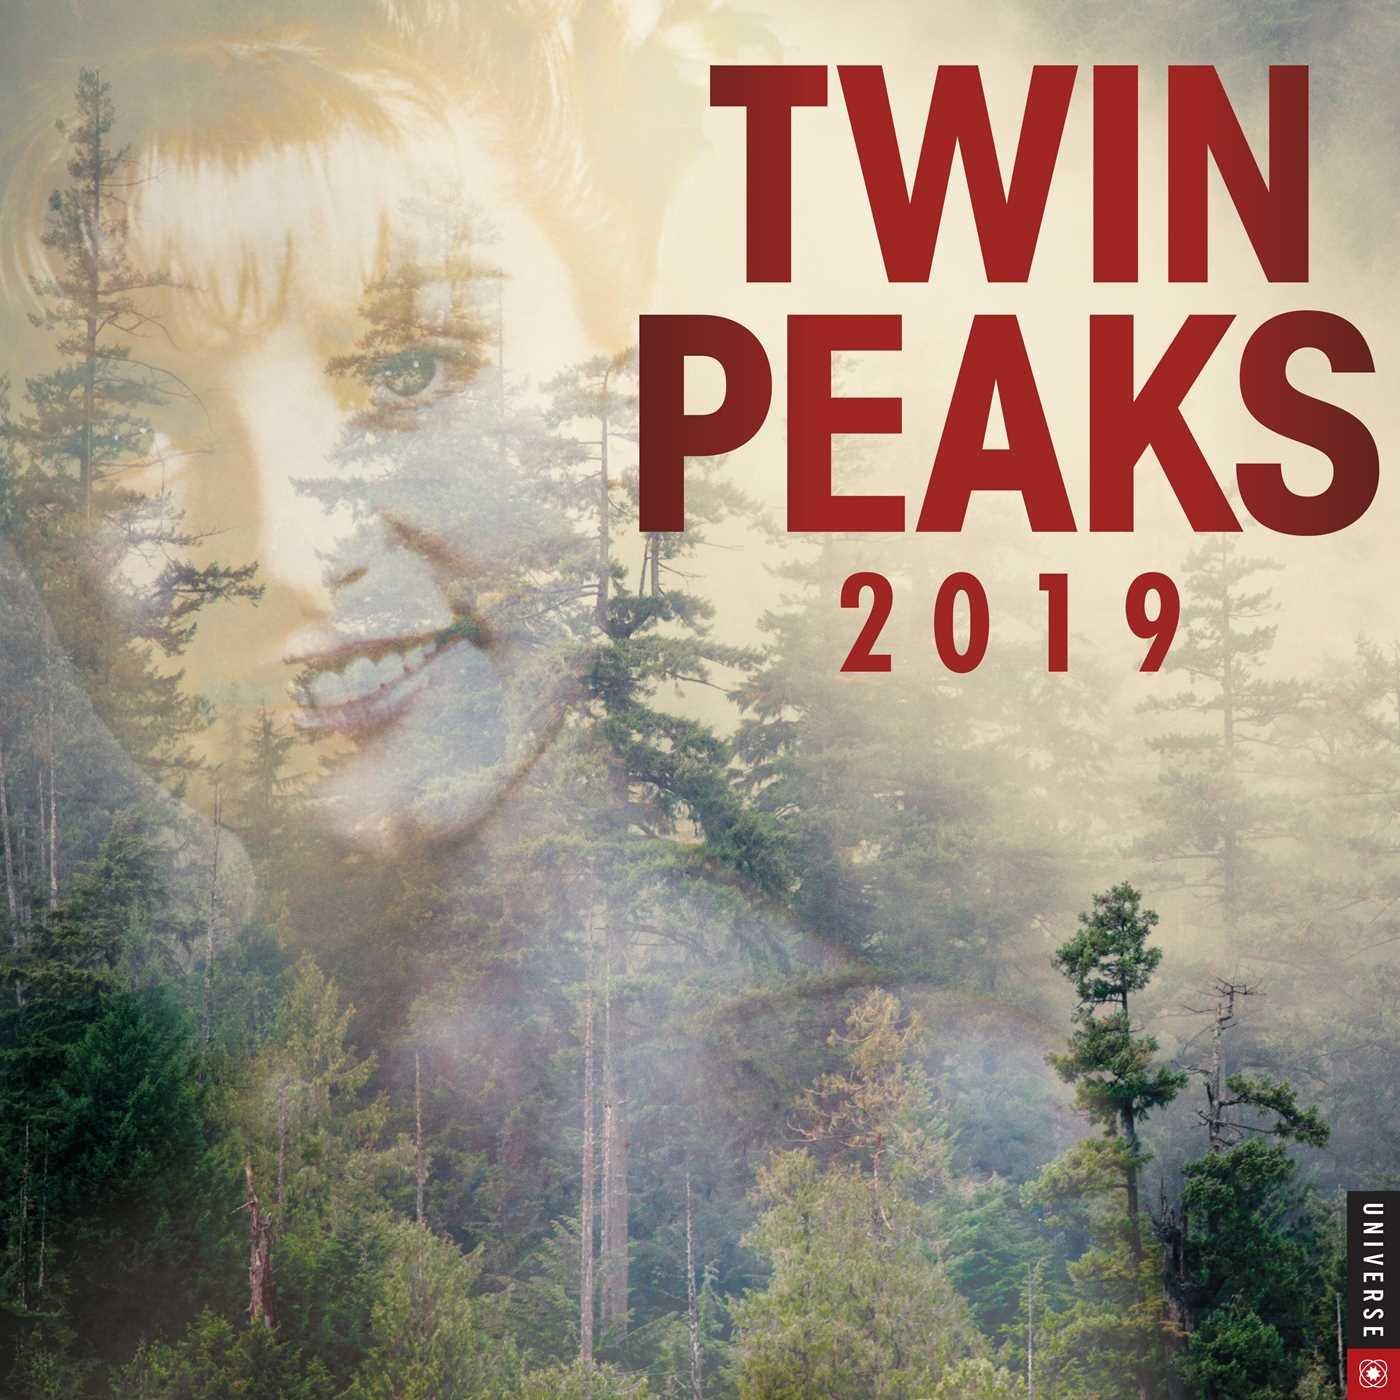 Twin Peaks 2019 Wall Calendar: Amazon.es: Showtime: Libros en idiomas extranjeros